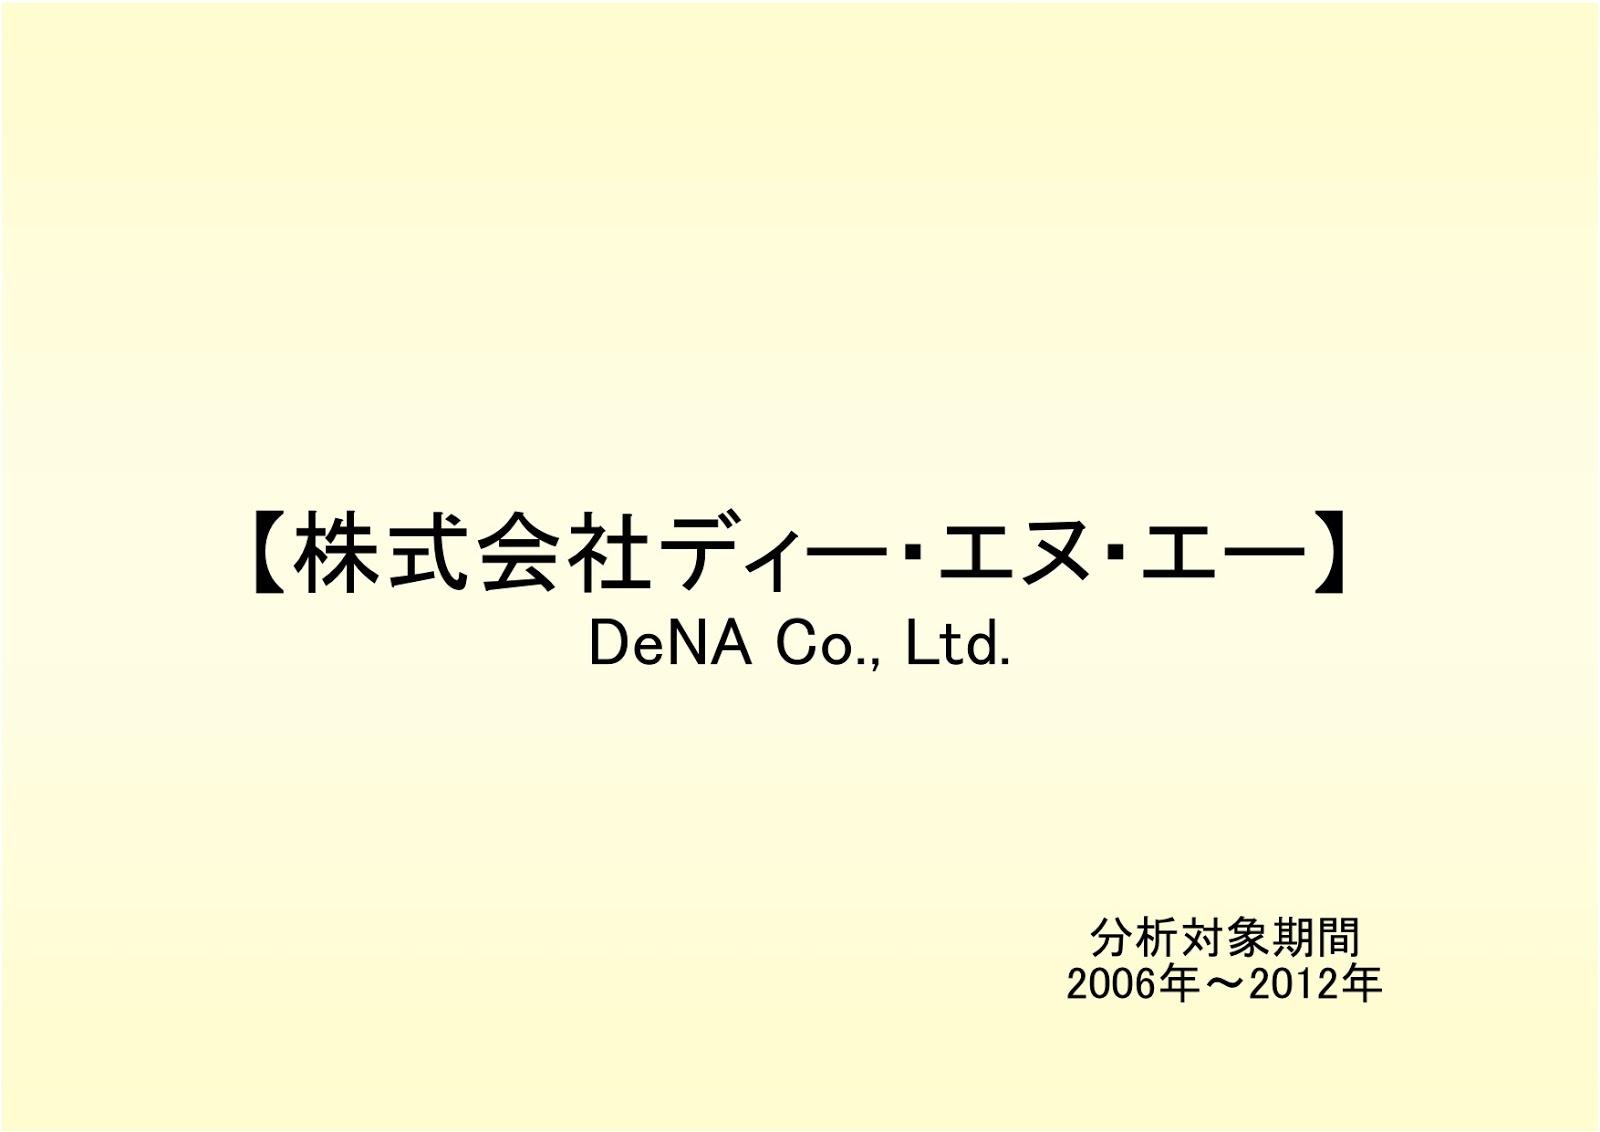 株式会社DeNAの財務状況